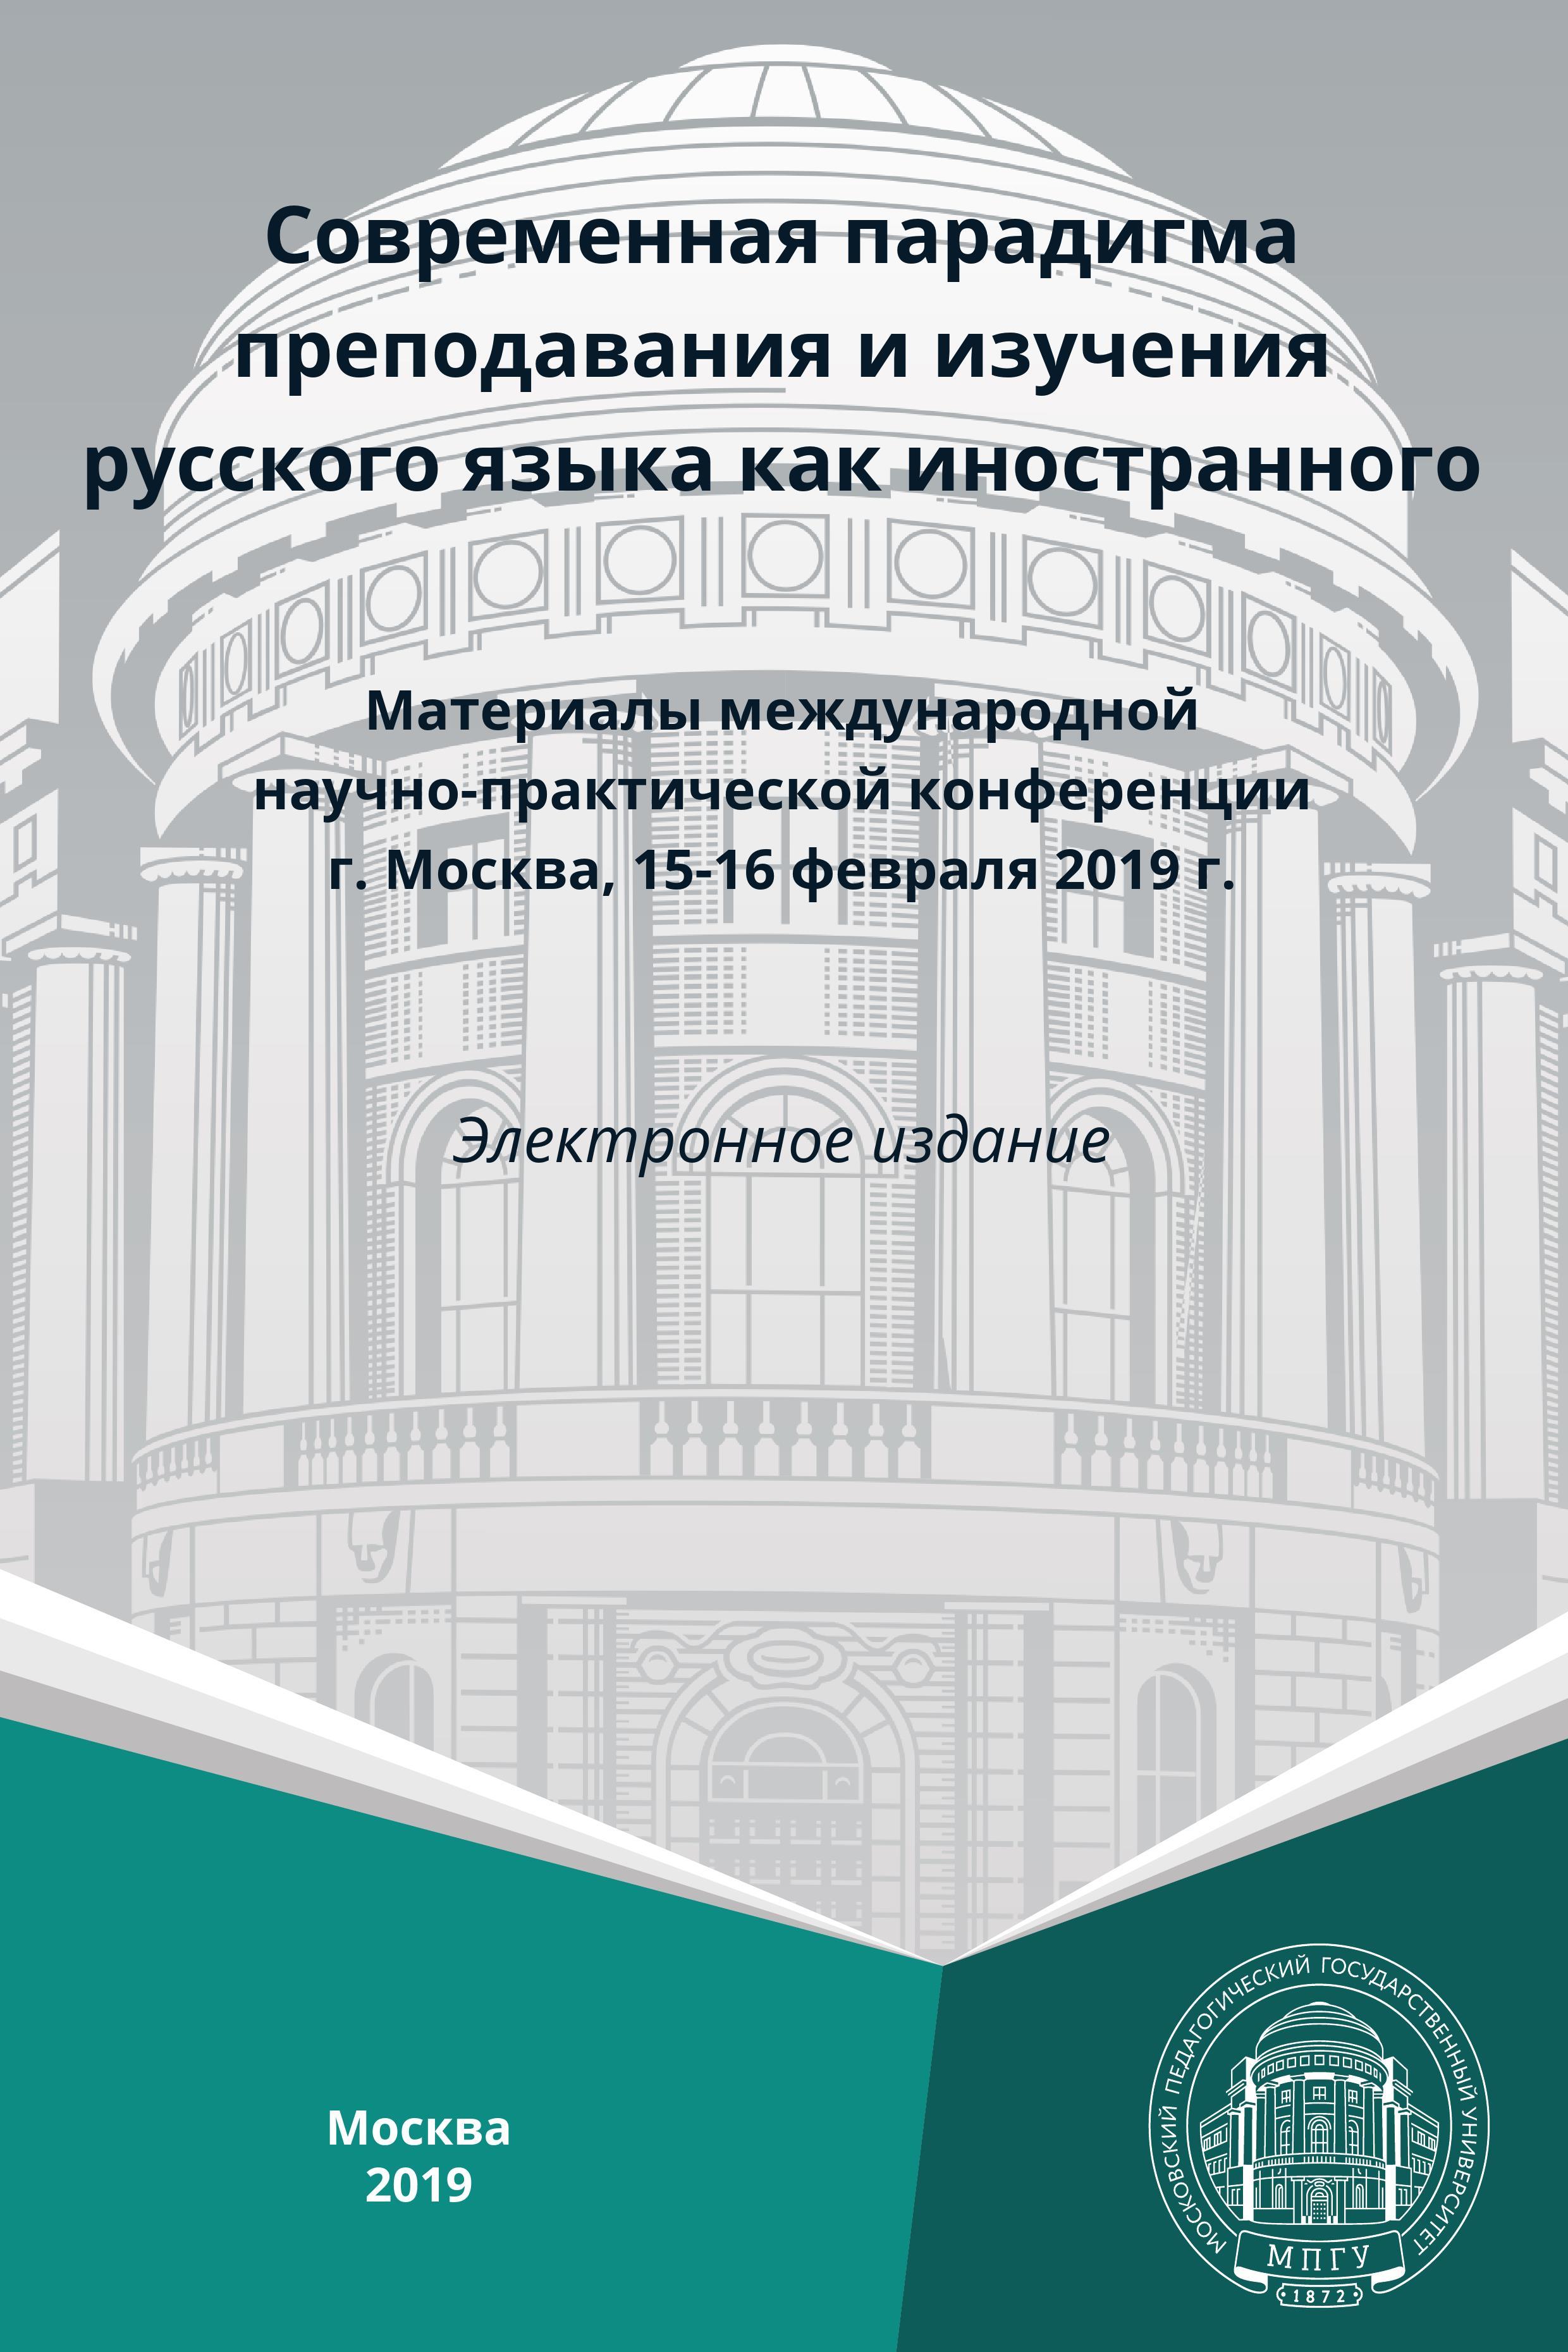 Современная парадигма преподавания и изучения русского языка как иностранного